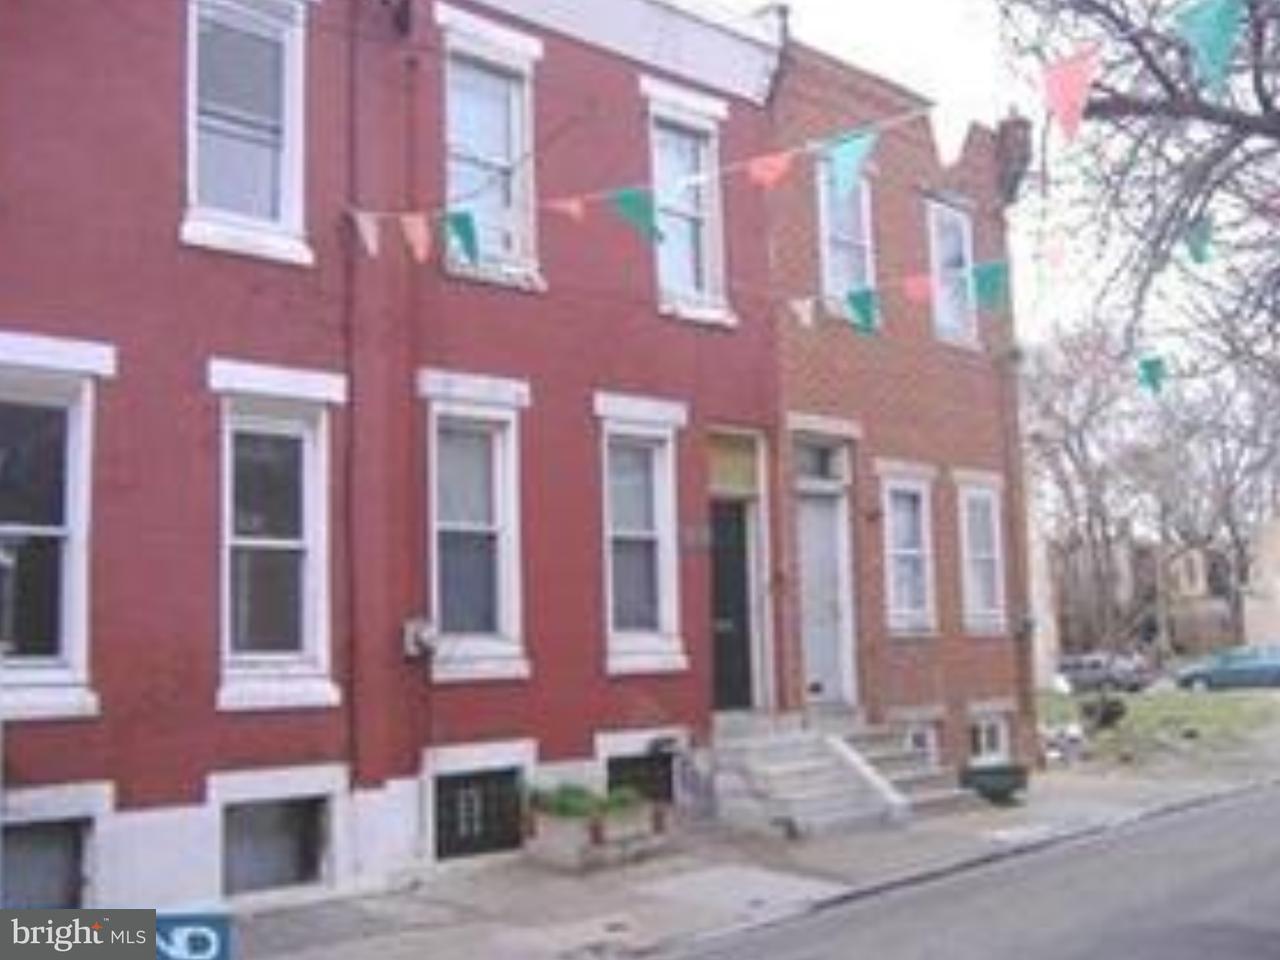 2556 N Sartain Street Philadelphia, PA 19133